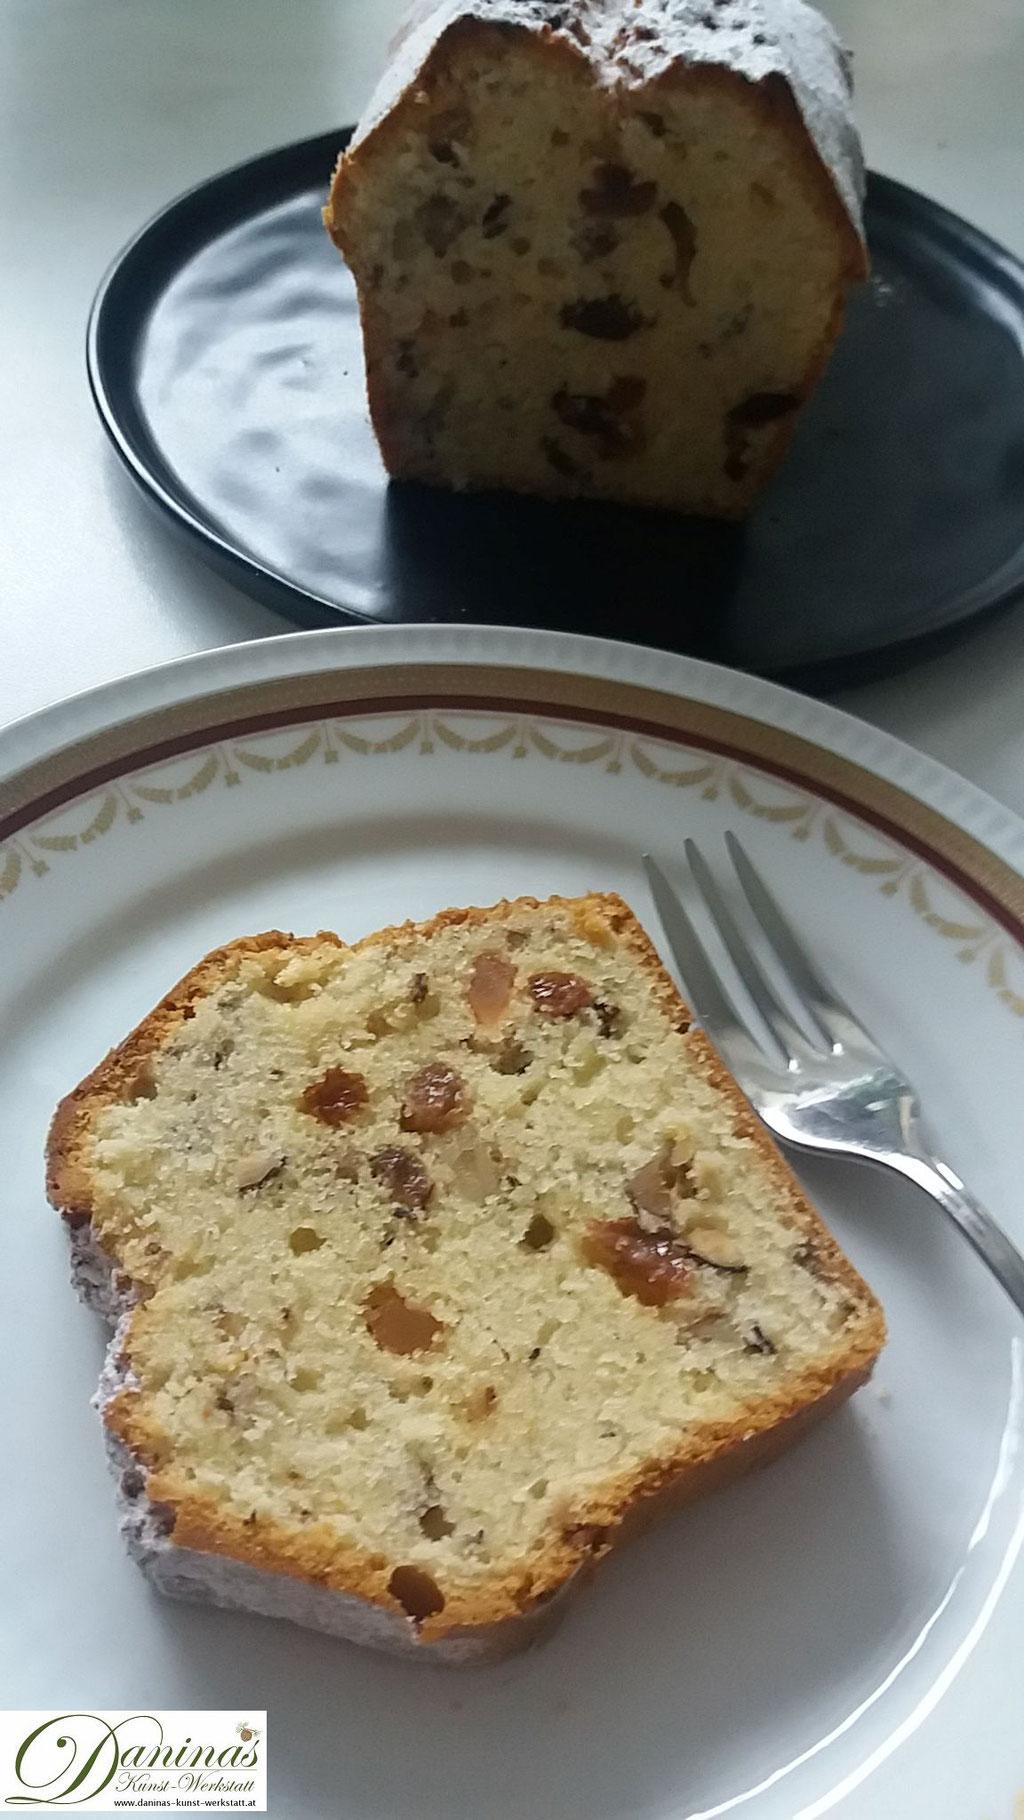 Einfach Einfaches Nusskuchen Rezept. Englischer Teekuchen Konditor-Rezept by Daninas Dad.köstlich: Englischer Teekuchen, Konditor-Rezept by Daninas Dad.